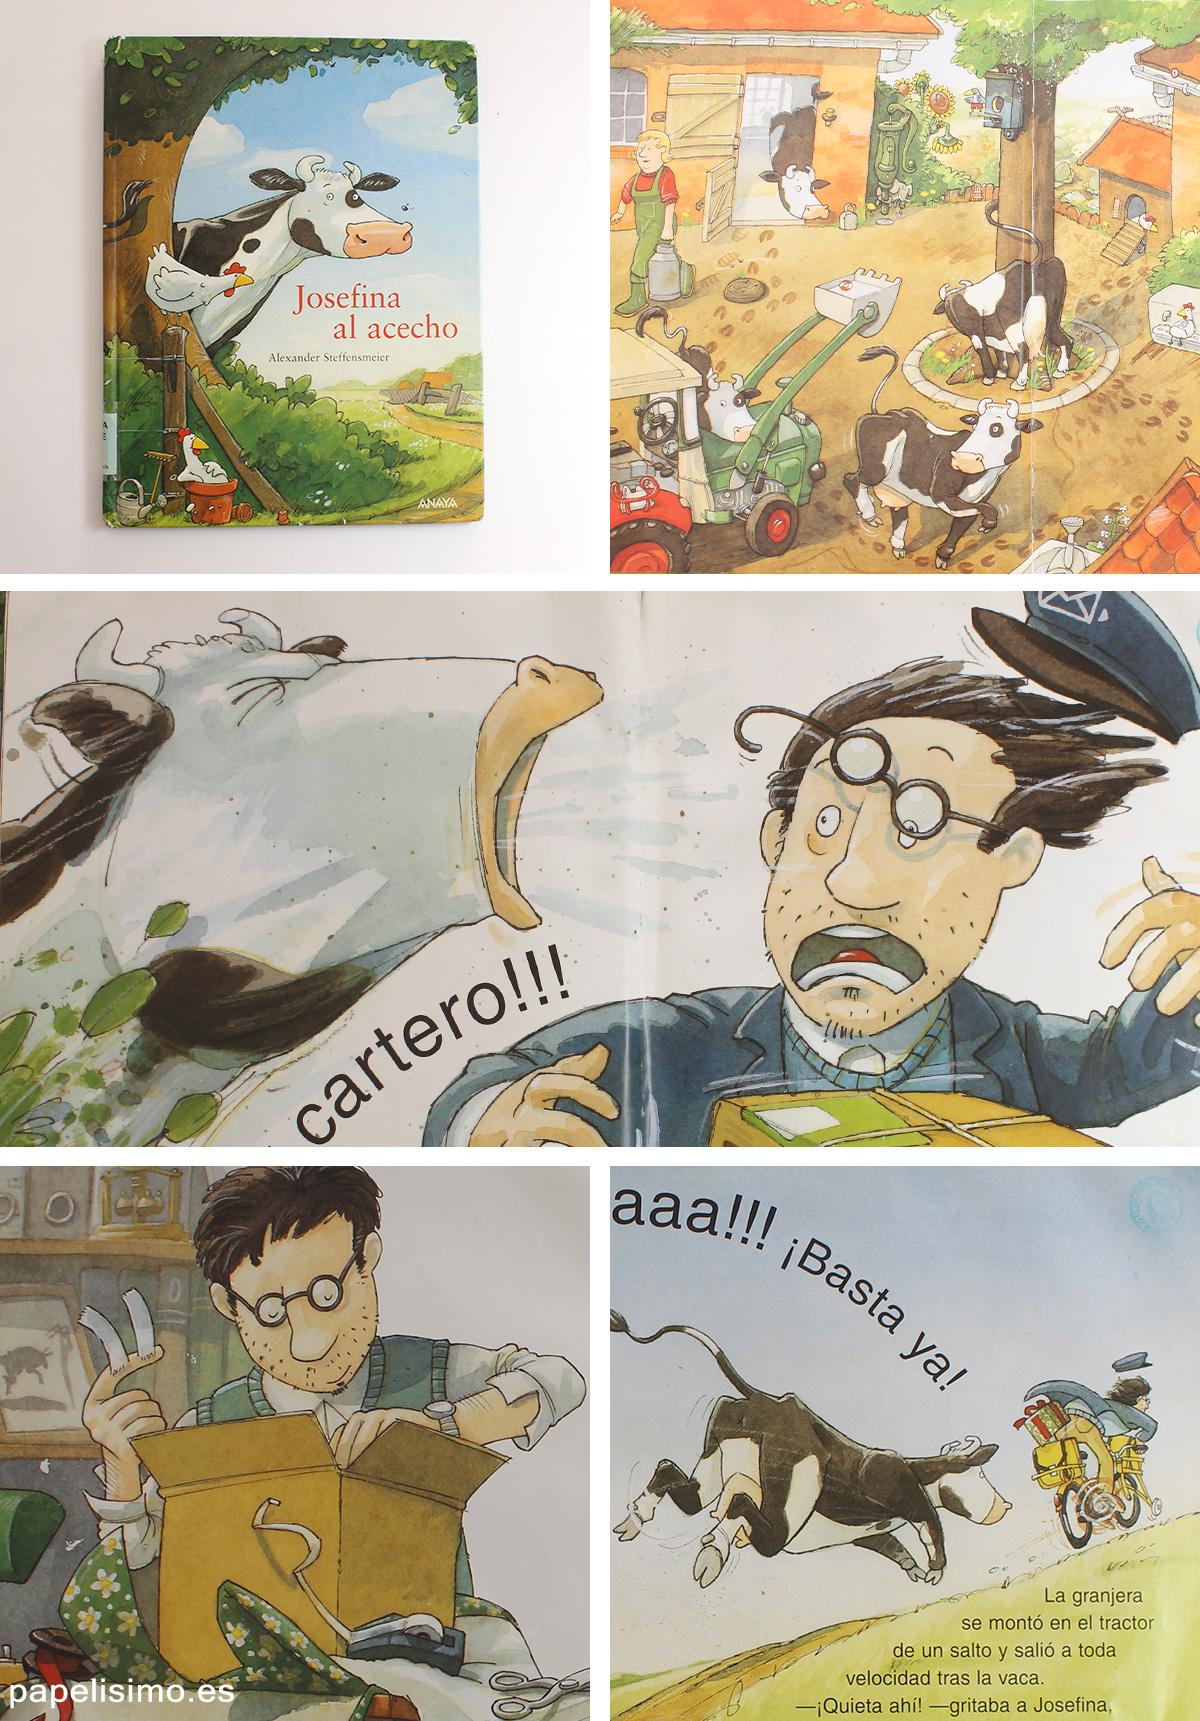 Libros-infantiles-cartero-Josefina-al-acecho